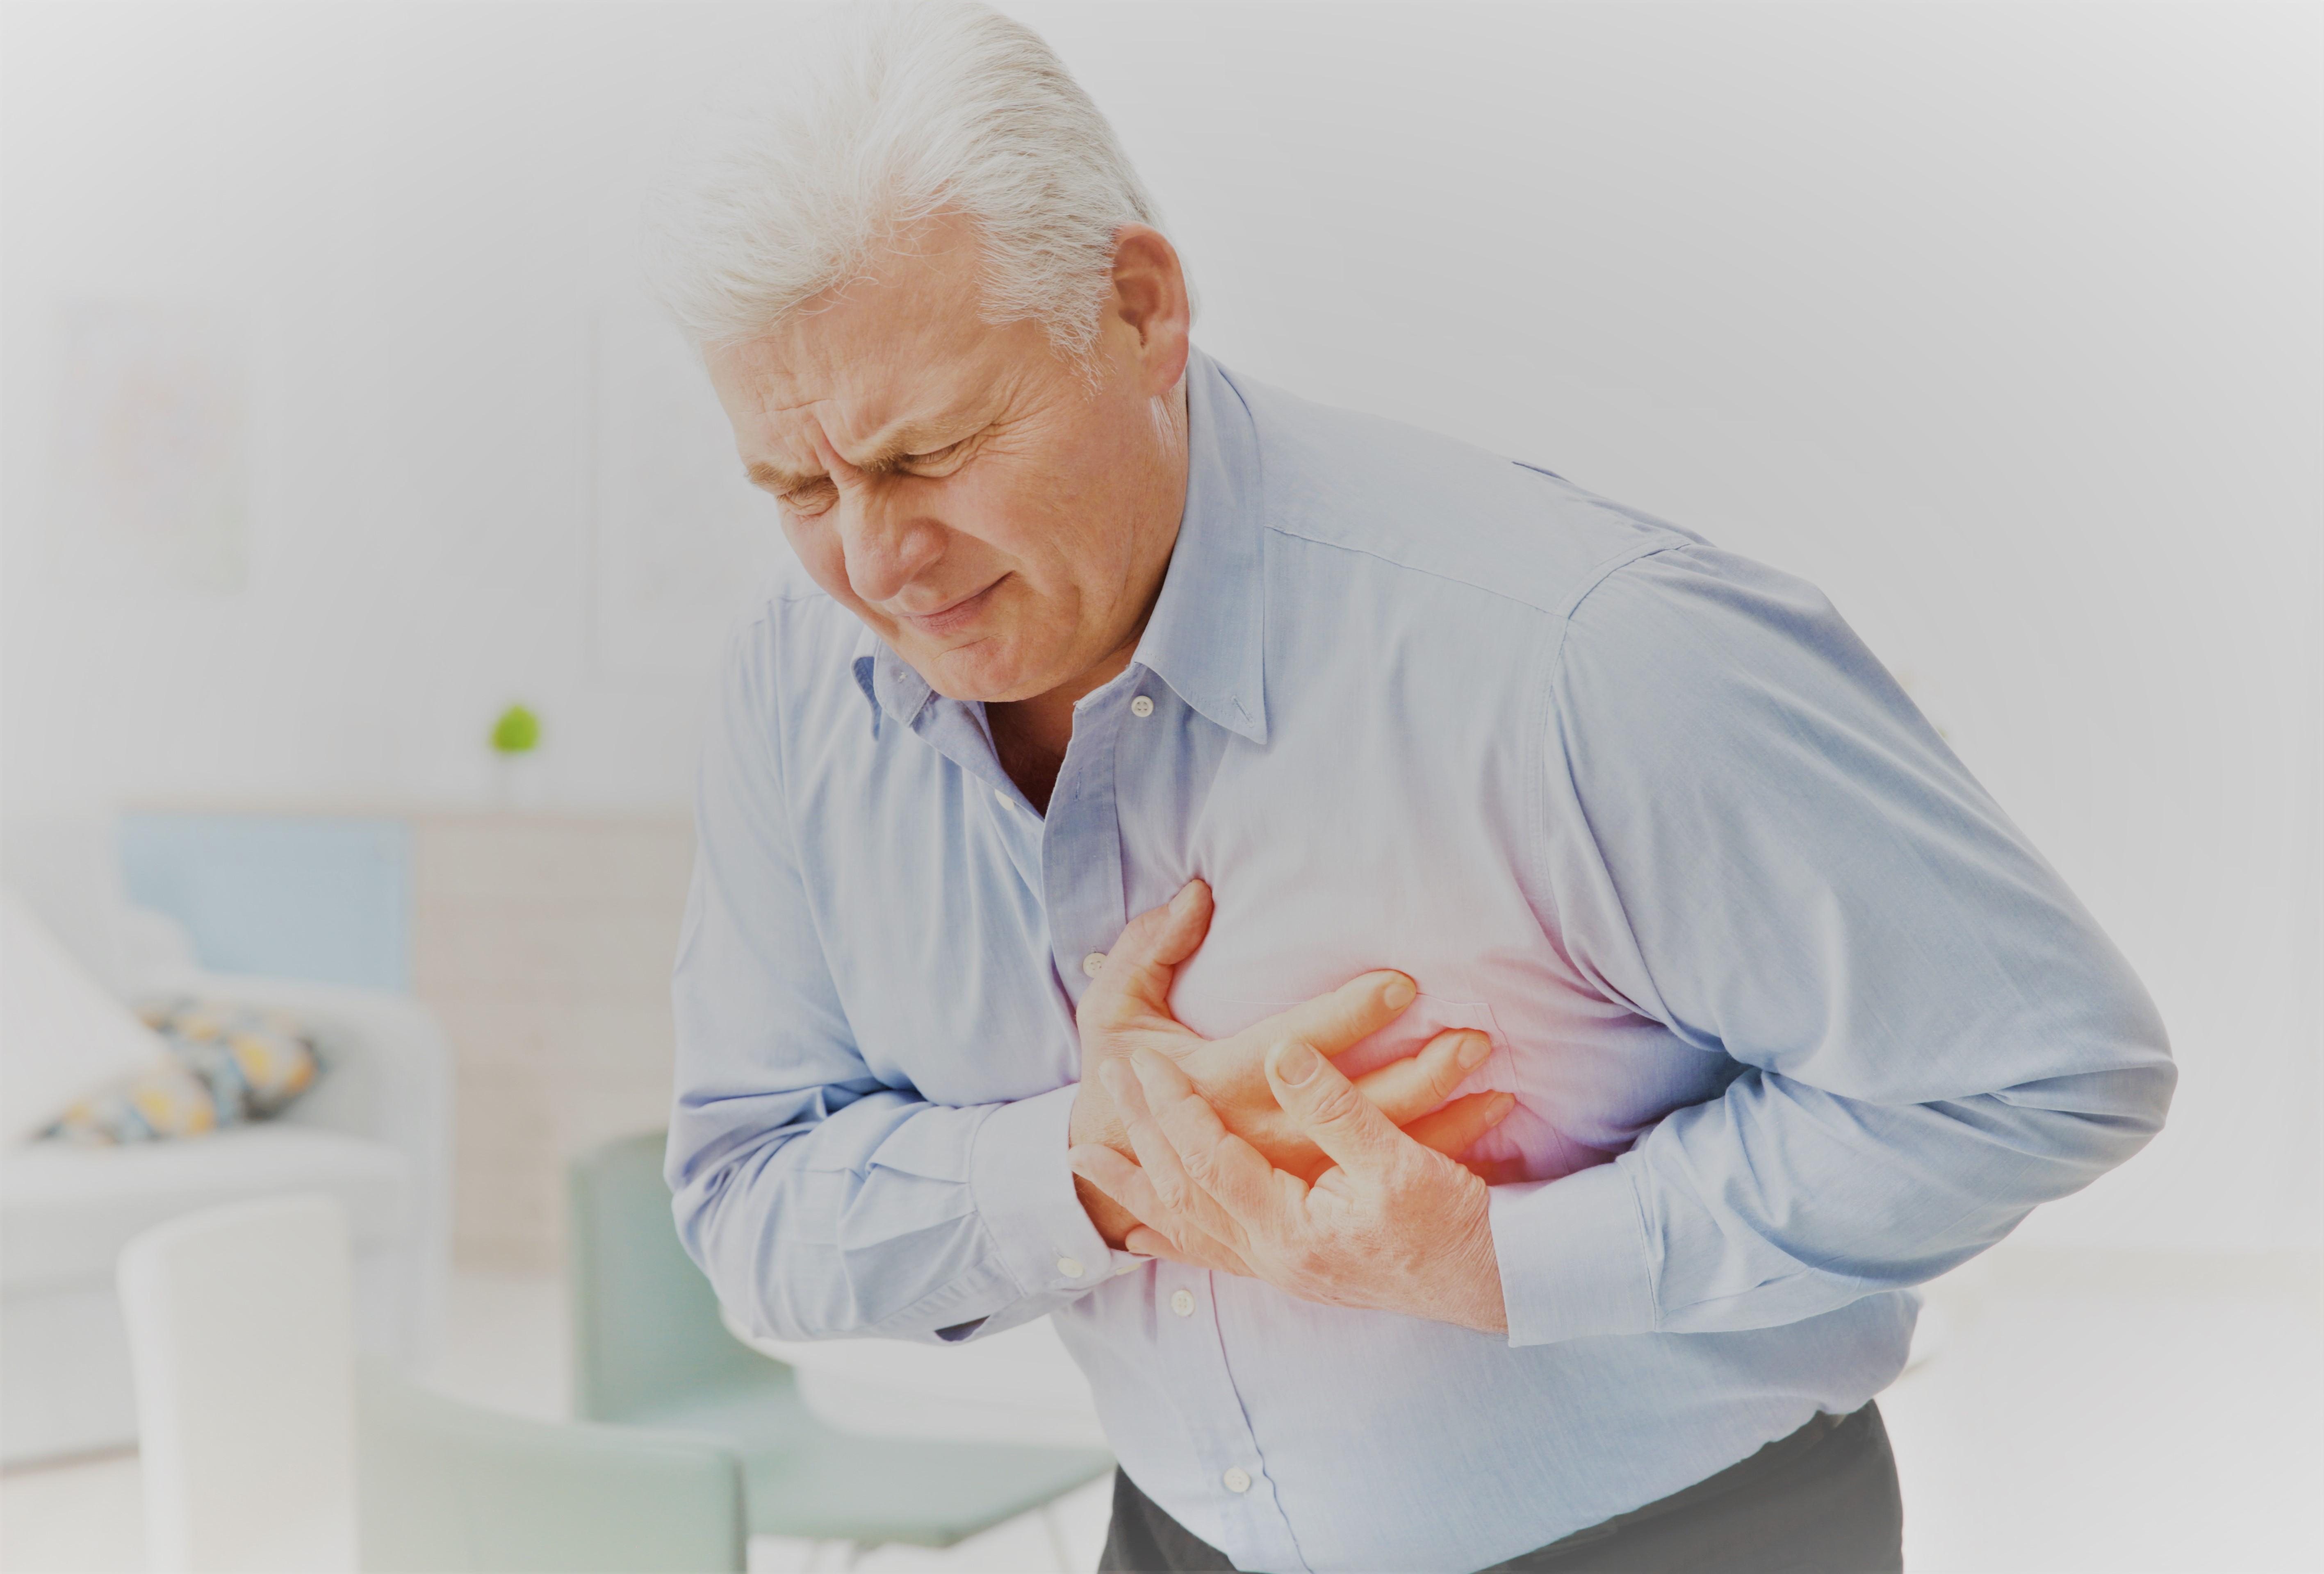 magas vérnyomás és szívfájdalom elleni gyógyszerek